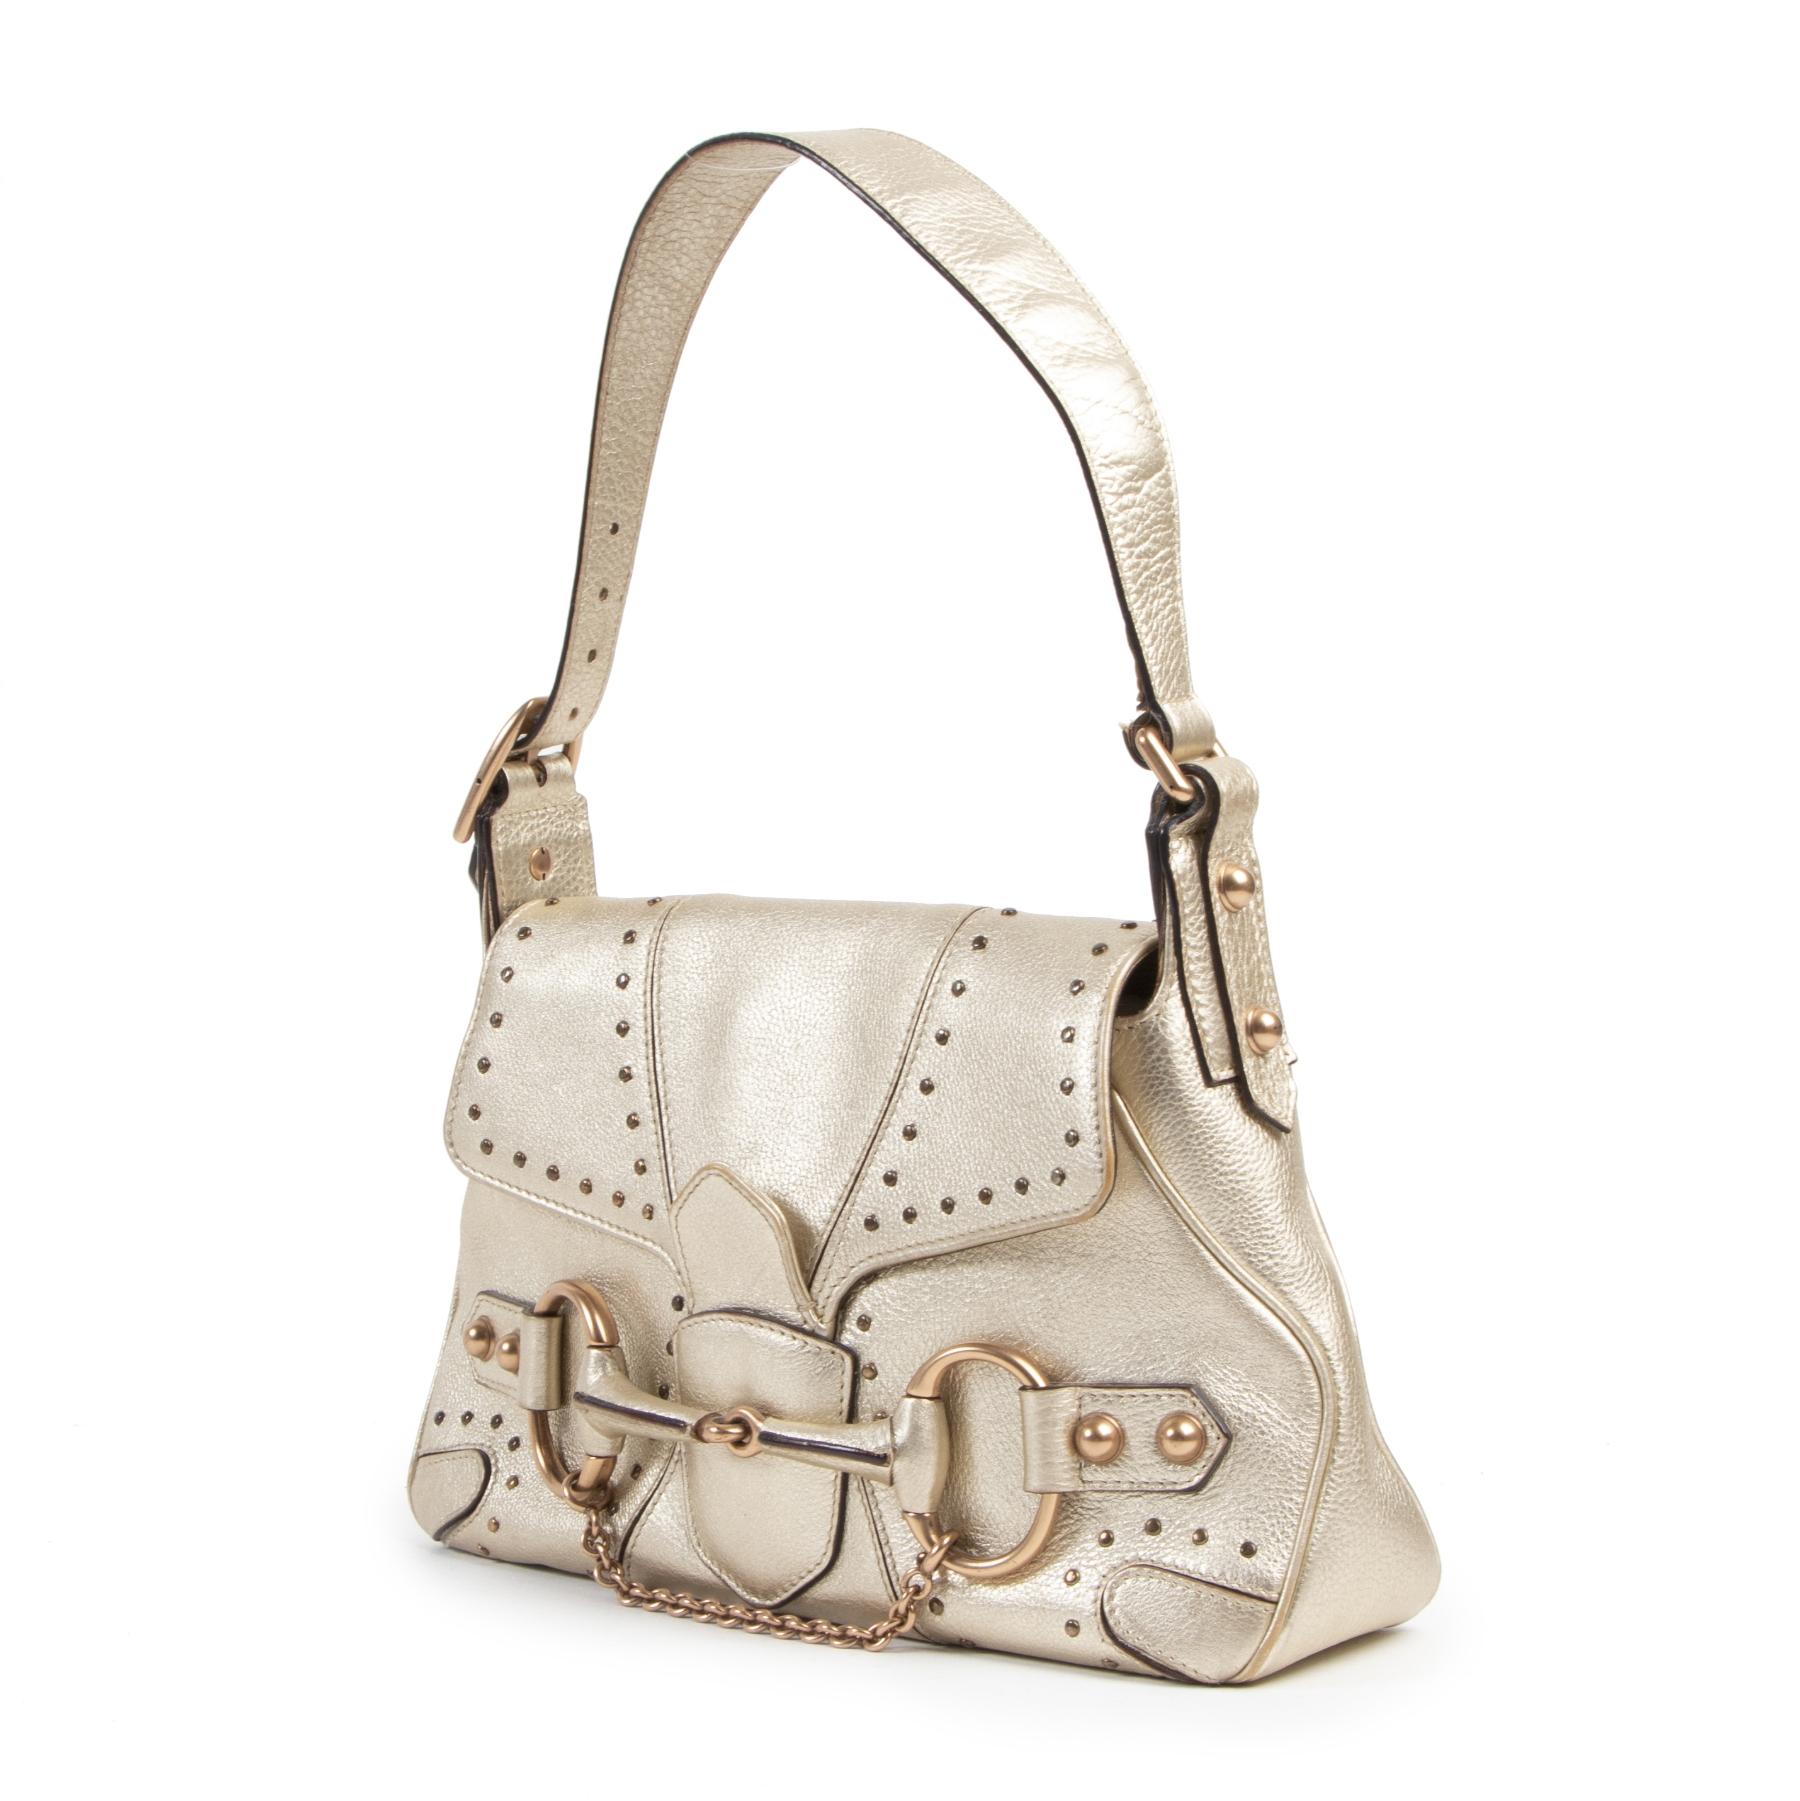 Authentieke tweedehands vintage Gucci Gold Mini Horsebit Bag koop online webshop LabelLOV